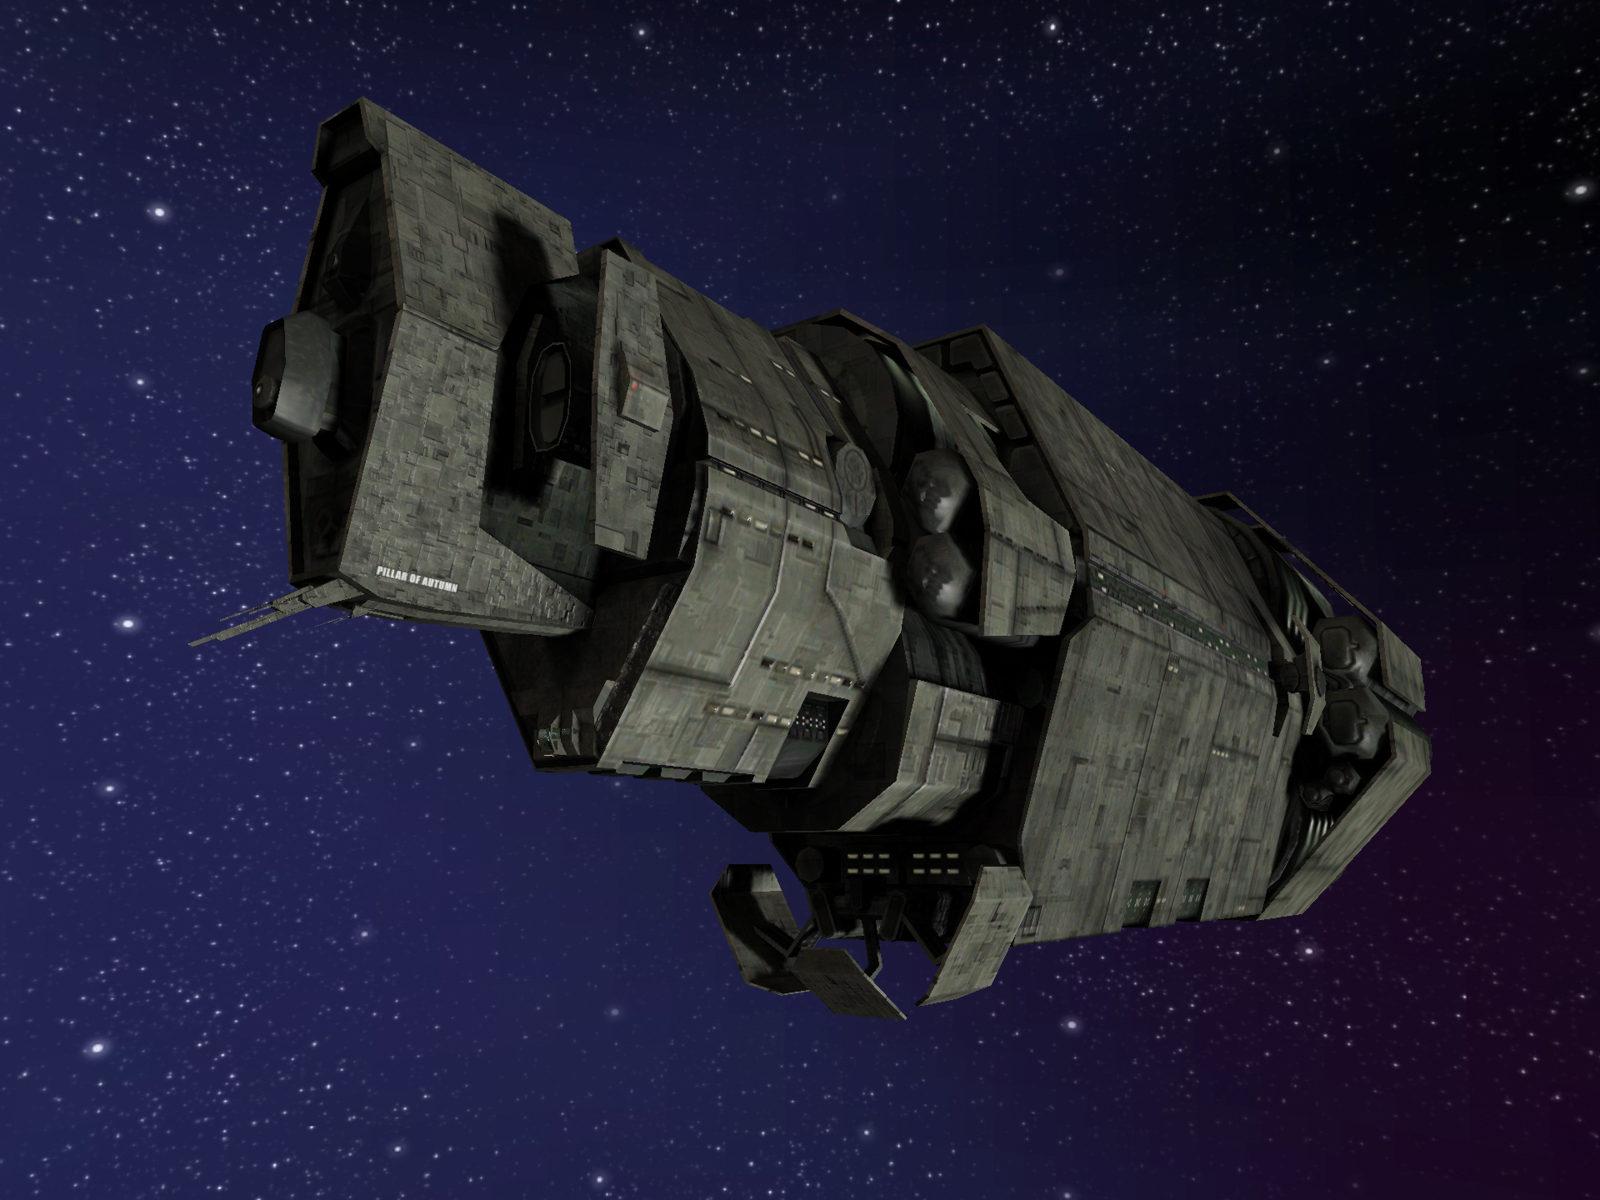 Taller de Encargos Oficial: Naves espaciales [Pide aquí tu nave espacial] PoA